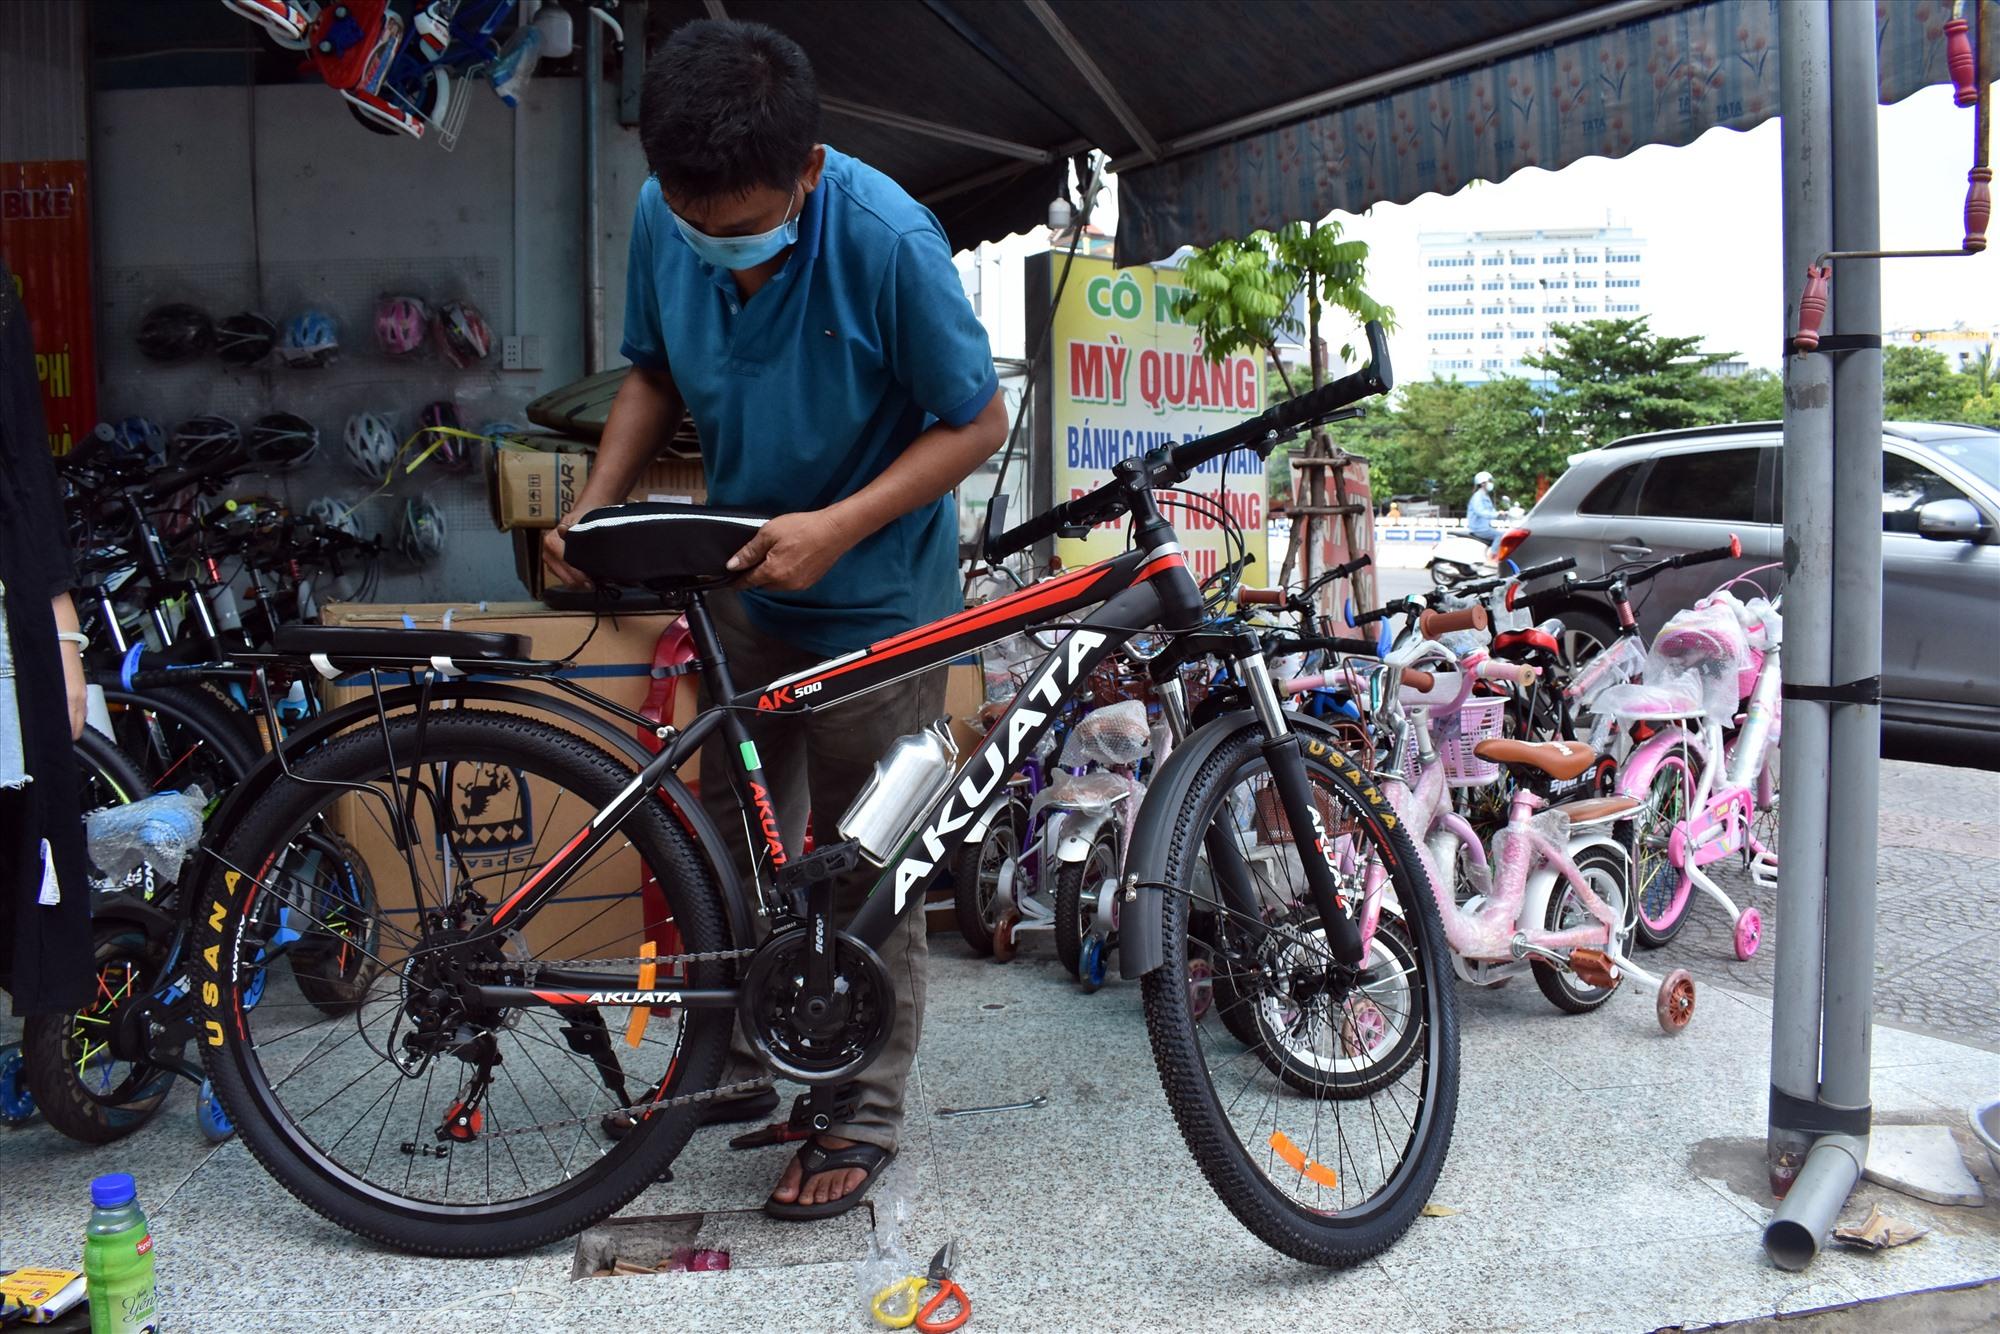 Nhiều phân khúc xe đạp cao giá vẫn được khách hàng đón nhận